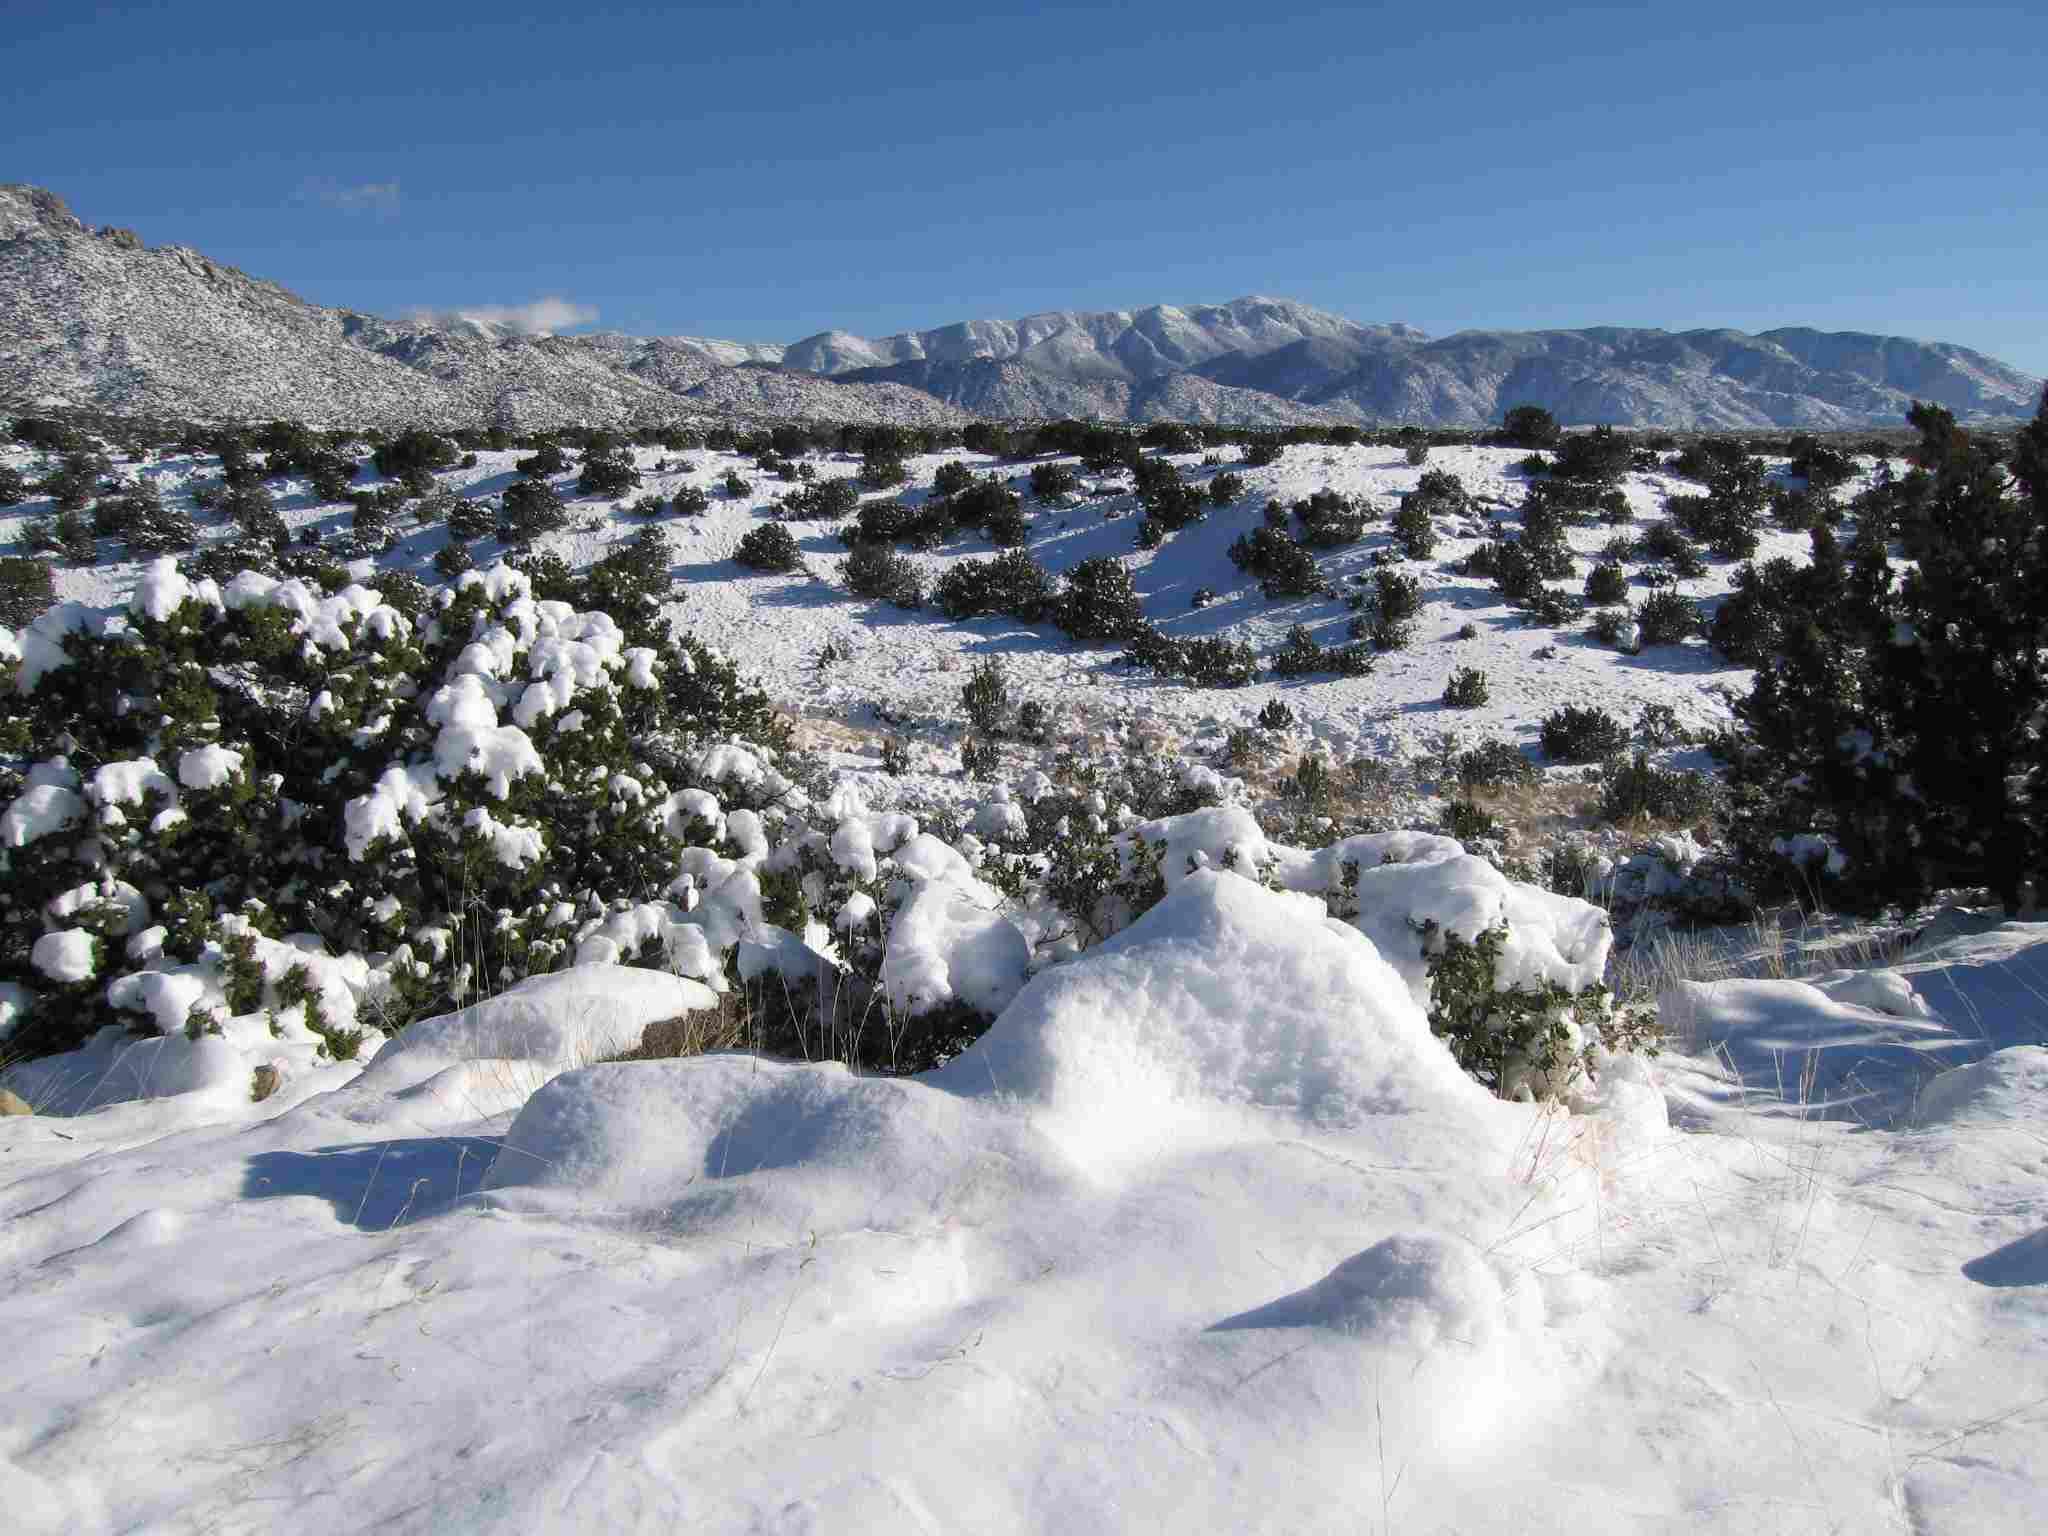 albuquerque during snowfall